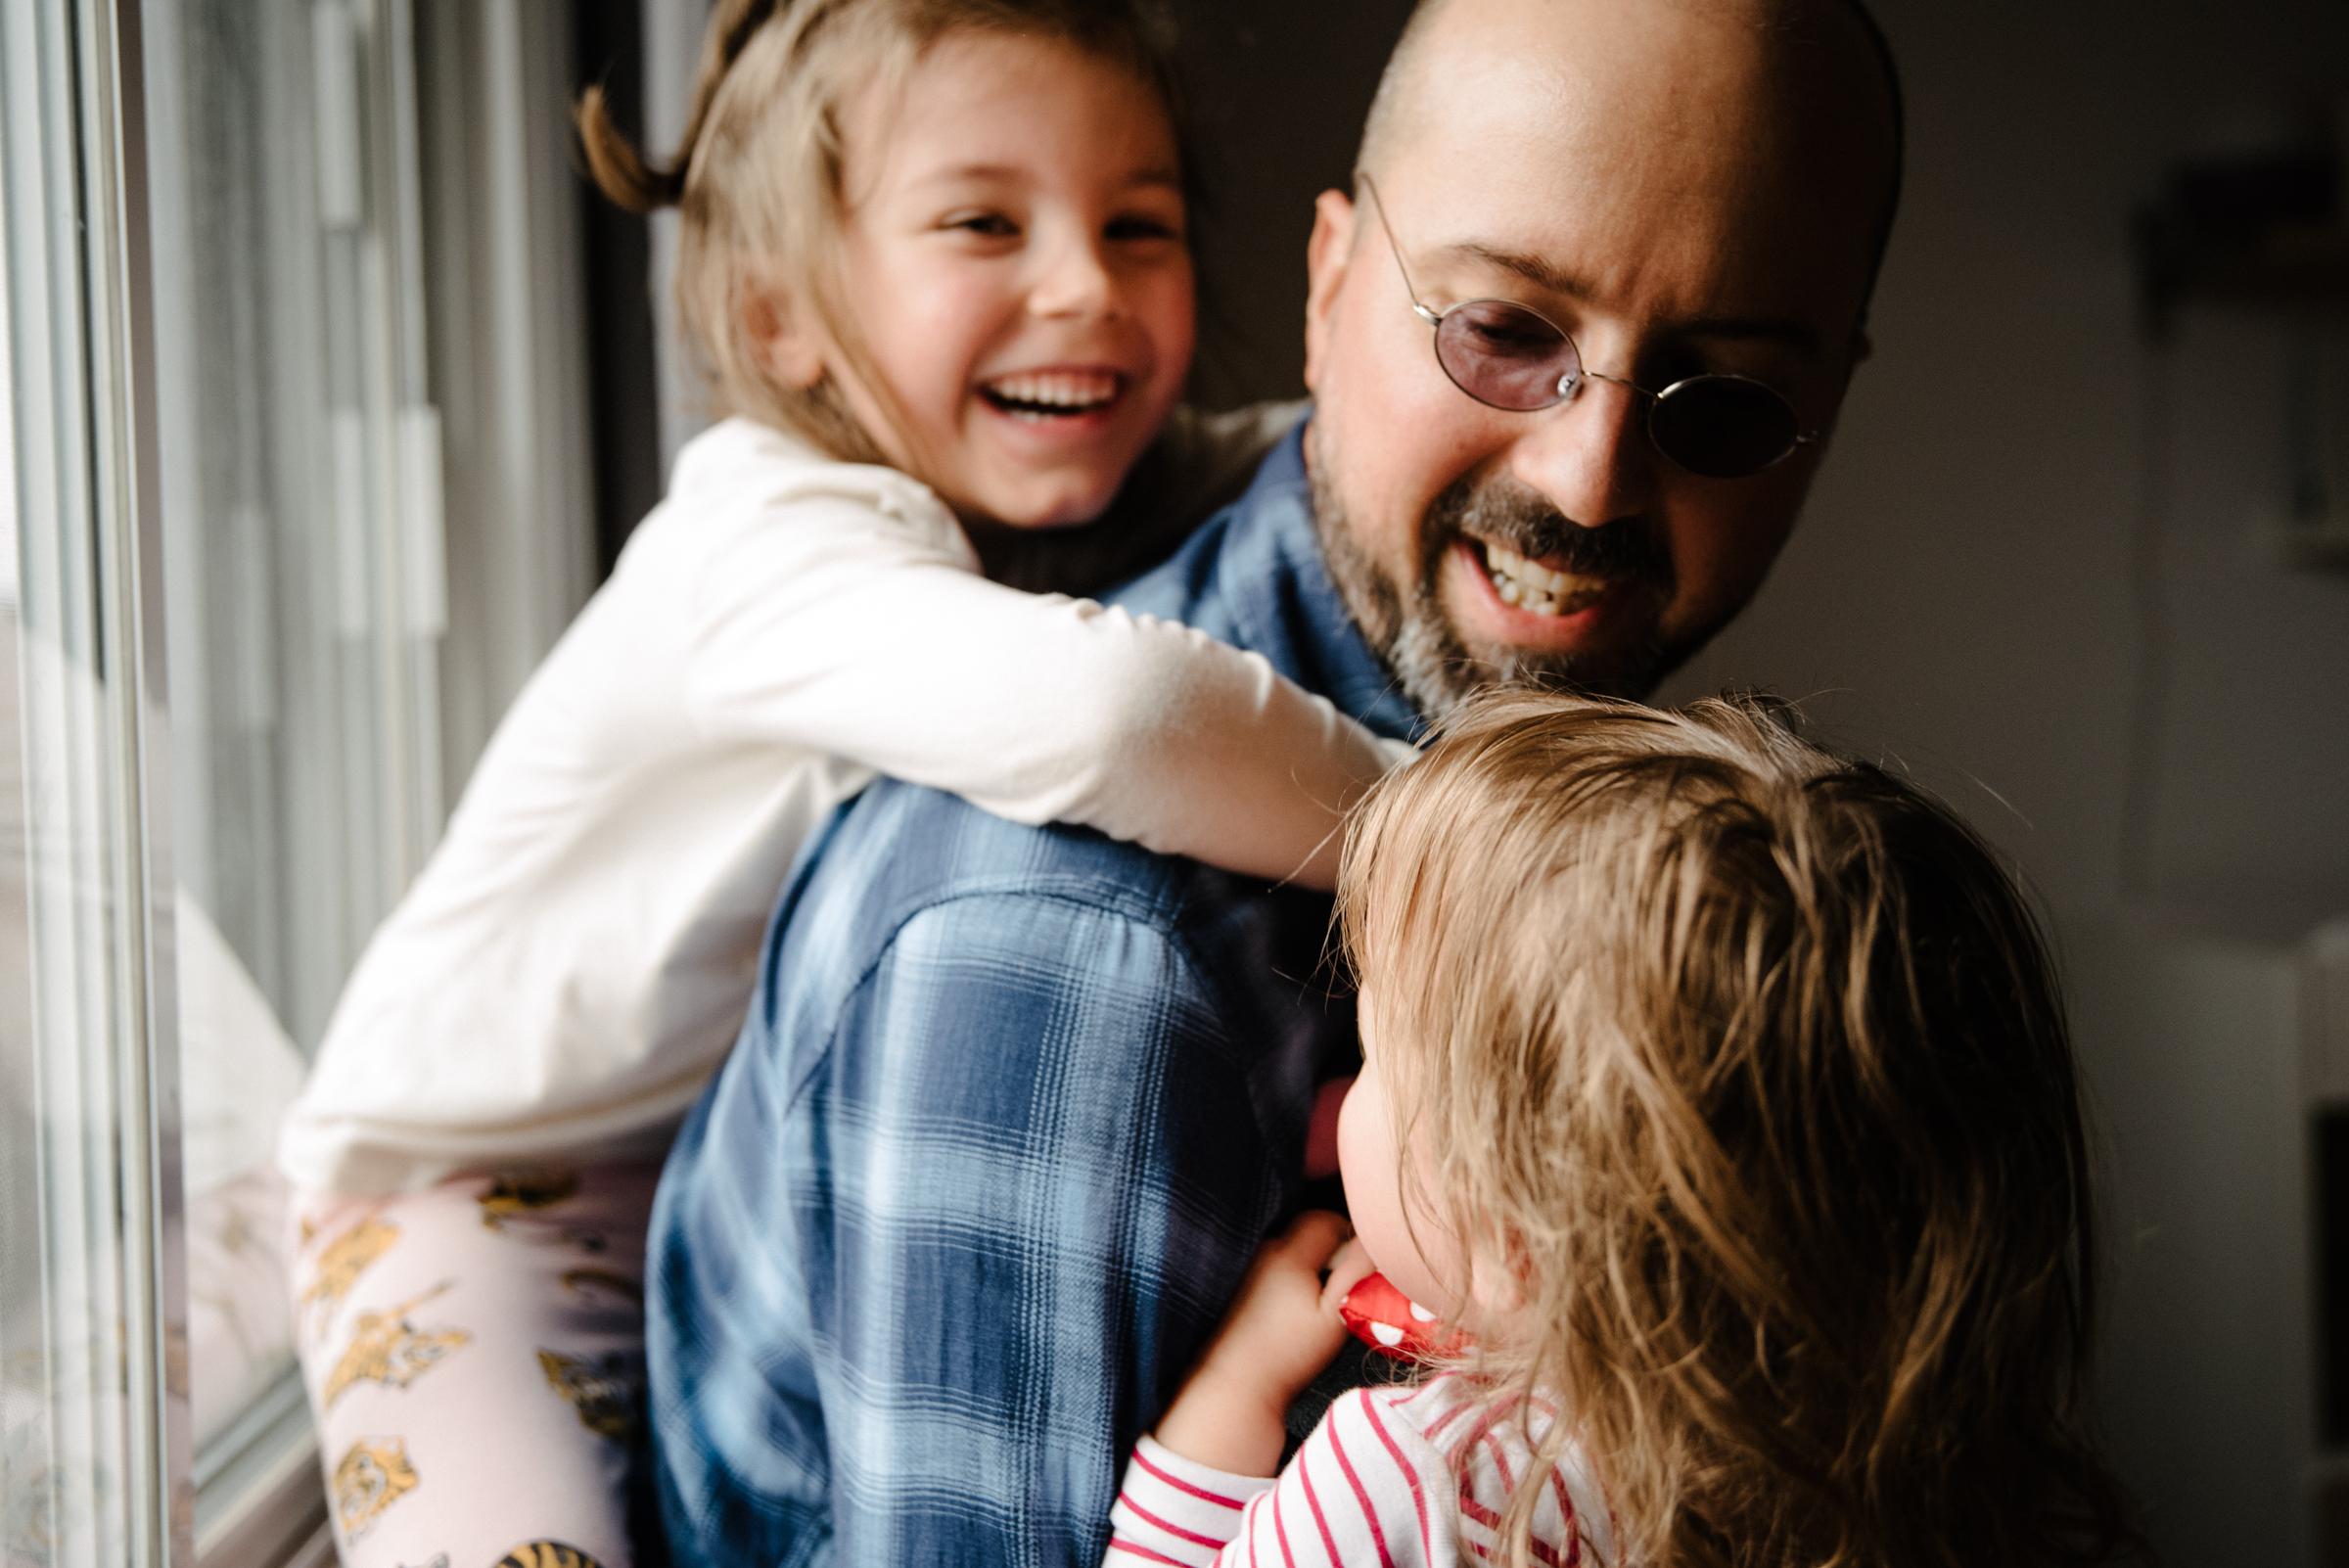 005-photo-d-un-papa-heureux-qui-rit-avec-ses-deux-grandes-filles-photographe-de-famille-lifestyle-a-montreal-761.jpg